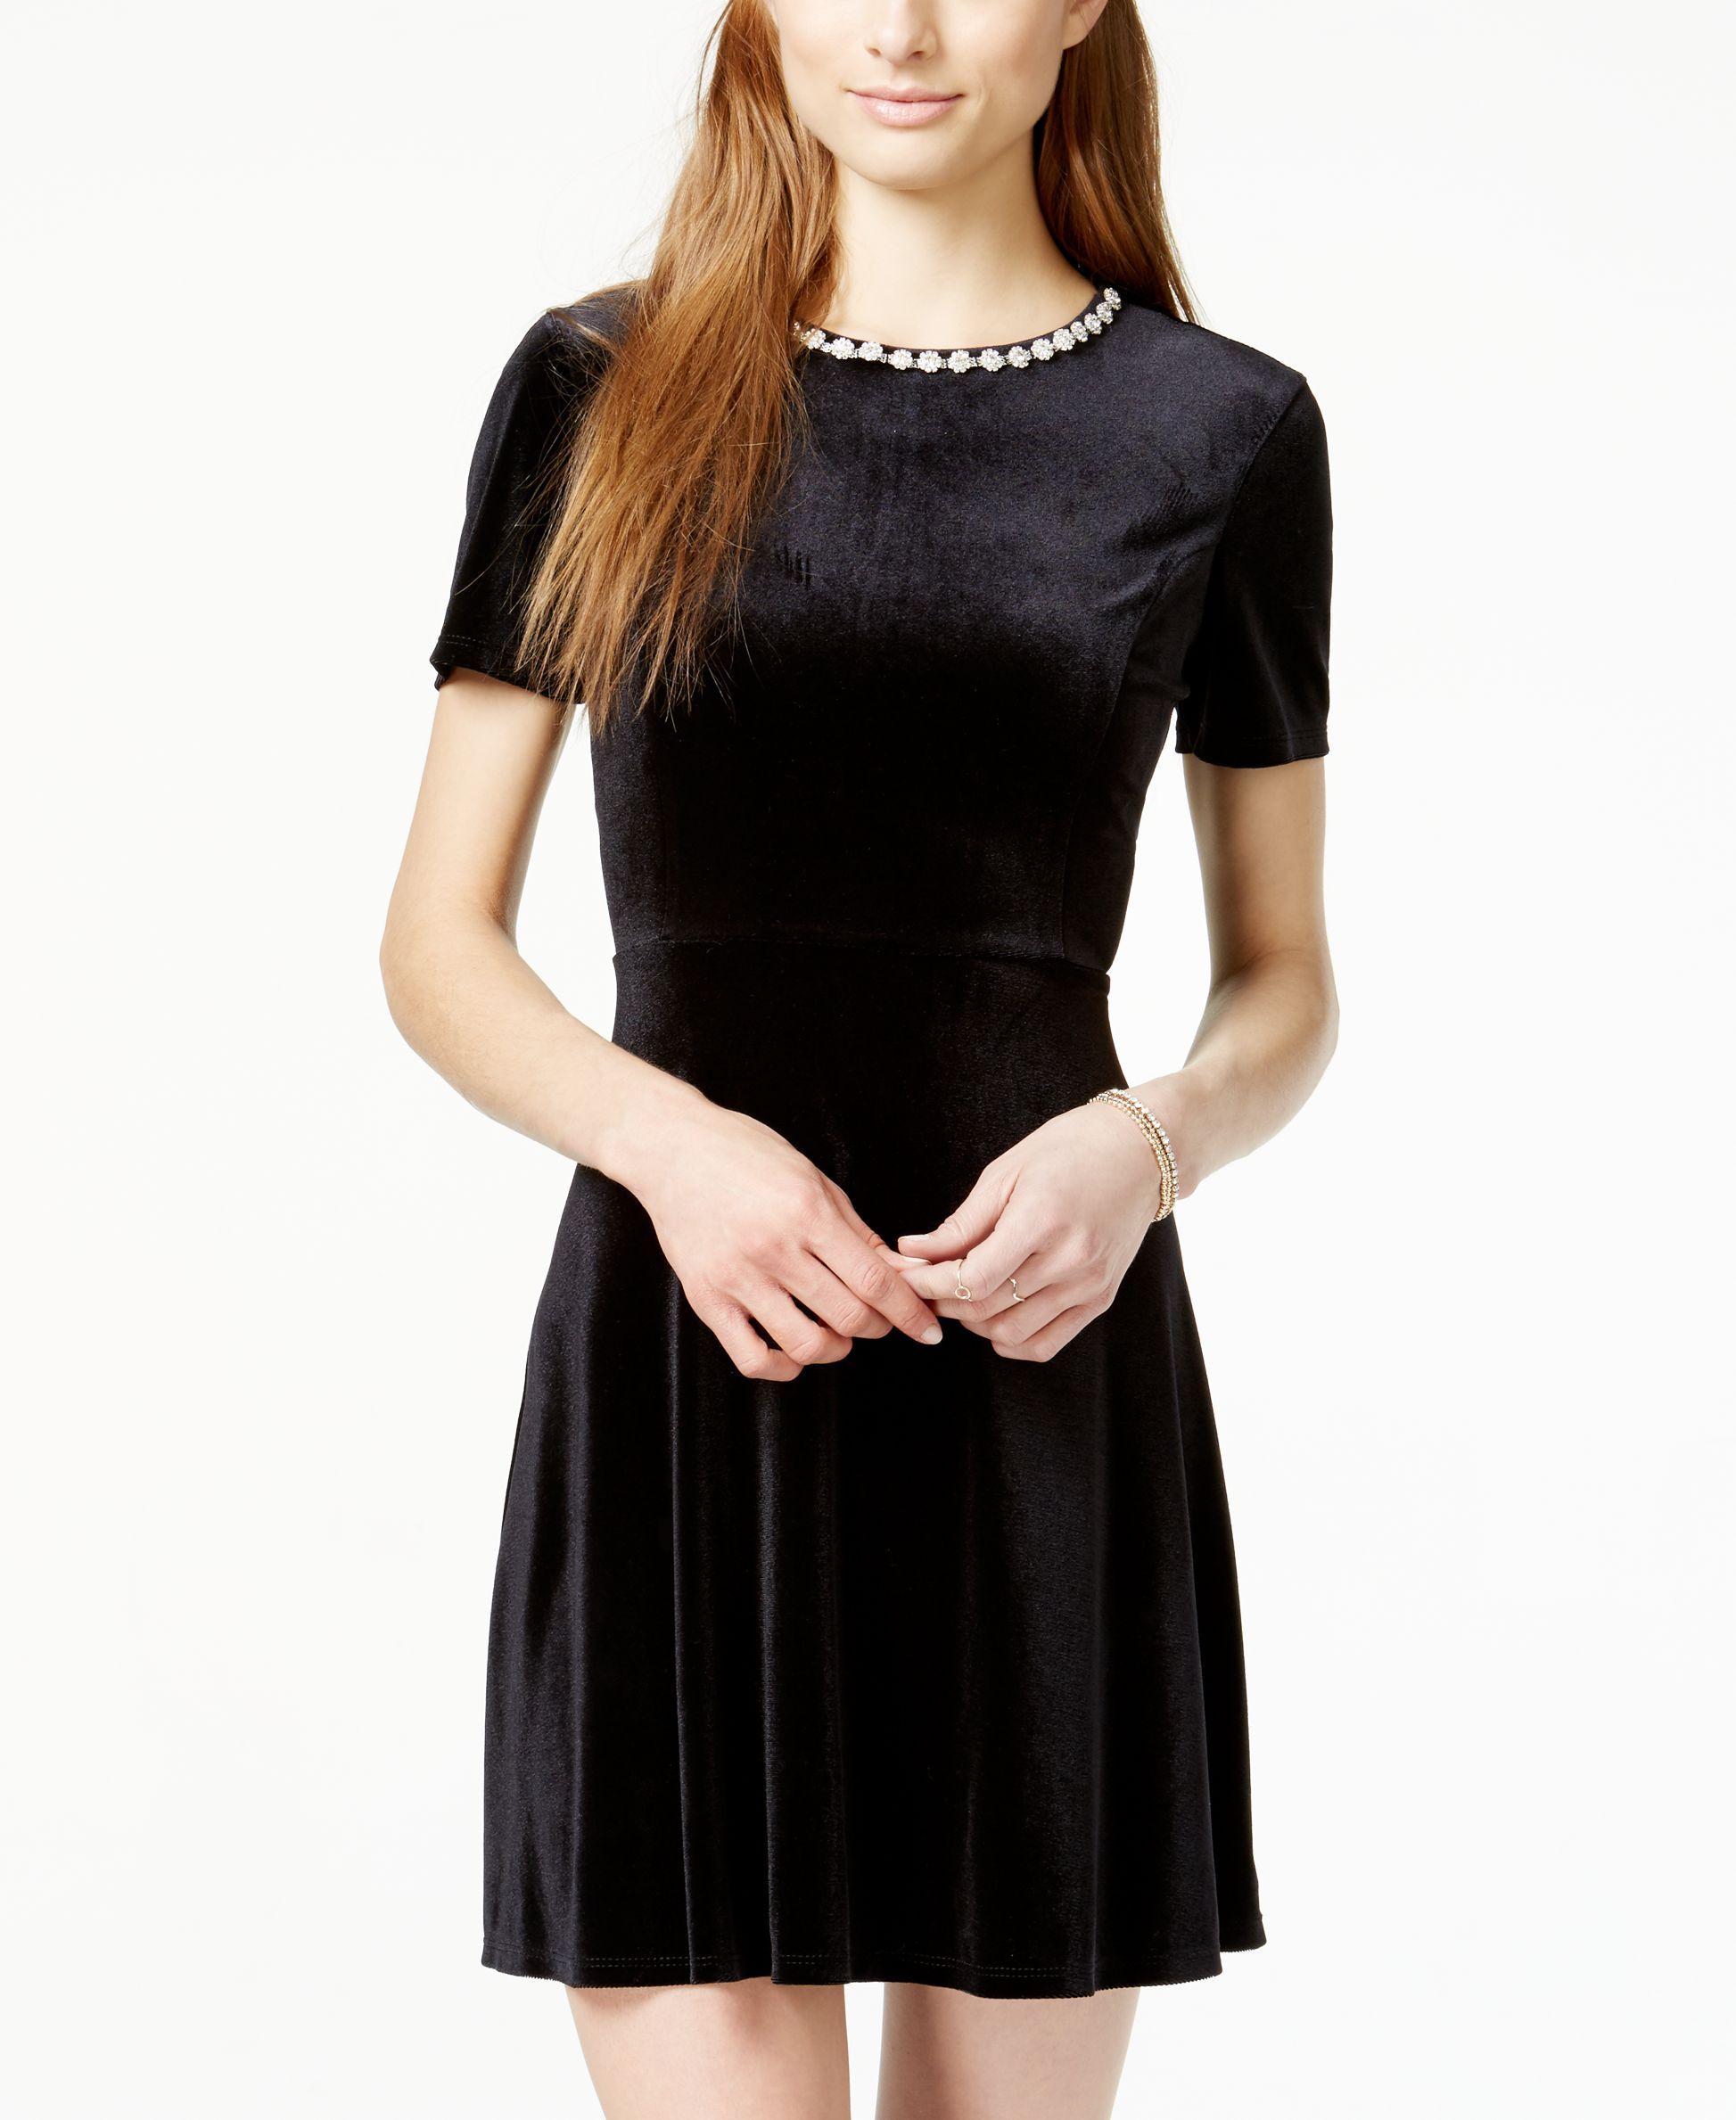 cd4a0775c8b One Clothing Juniors  Embellished Velvet Skater Dress - Juniors Dresses -  Macy s Little Black Cocktail